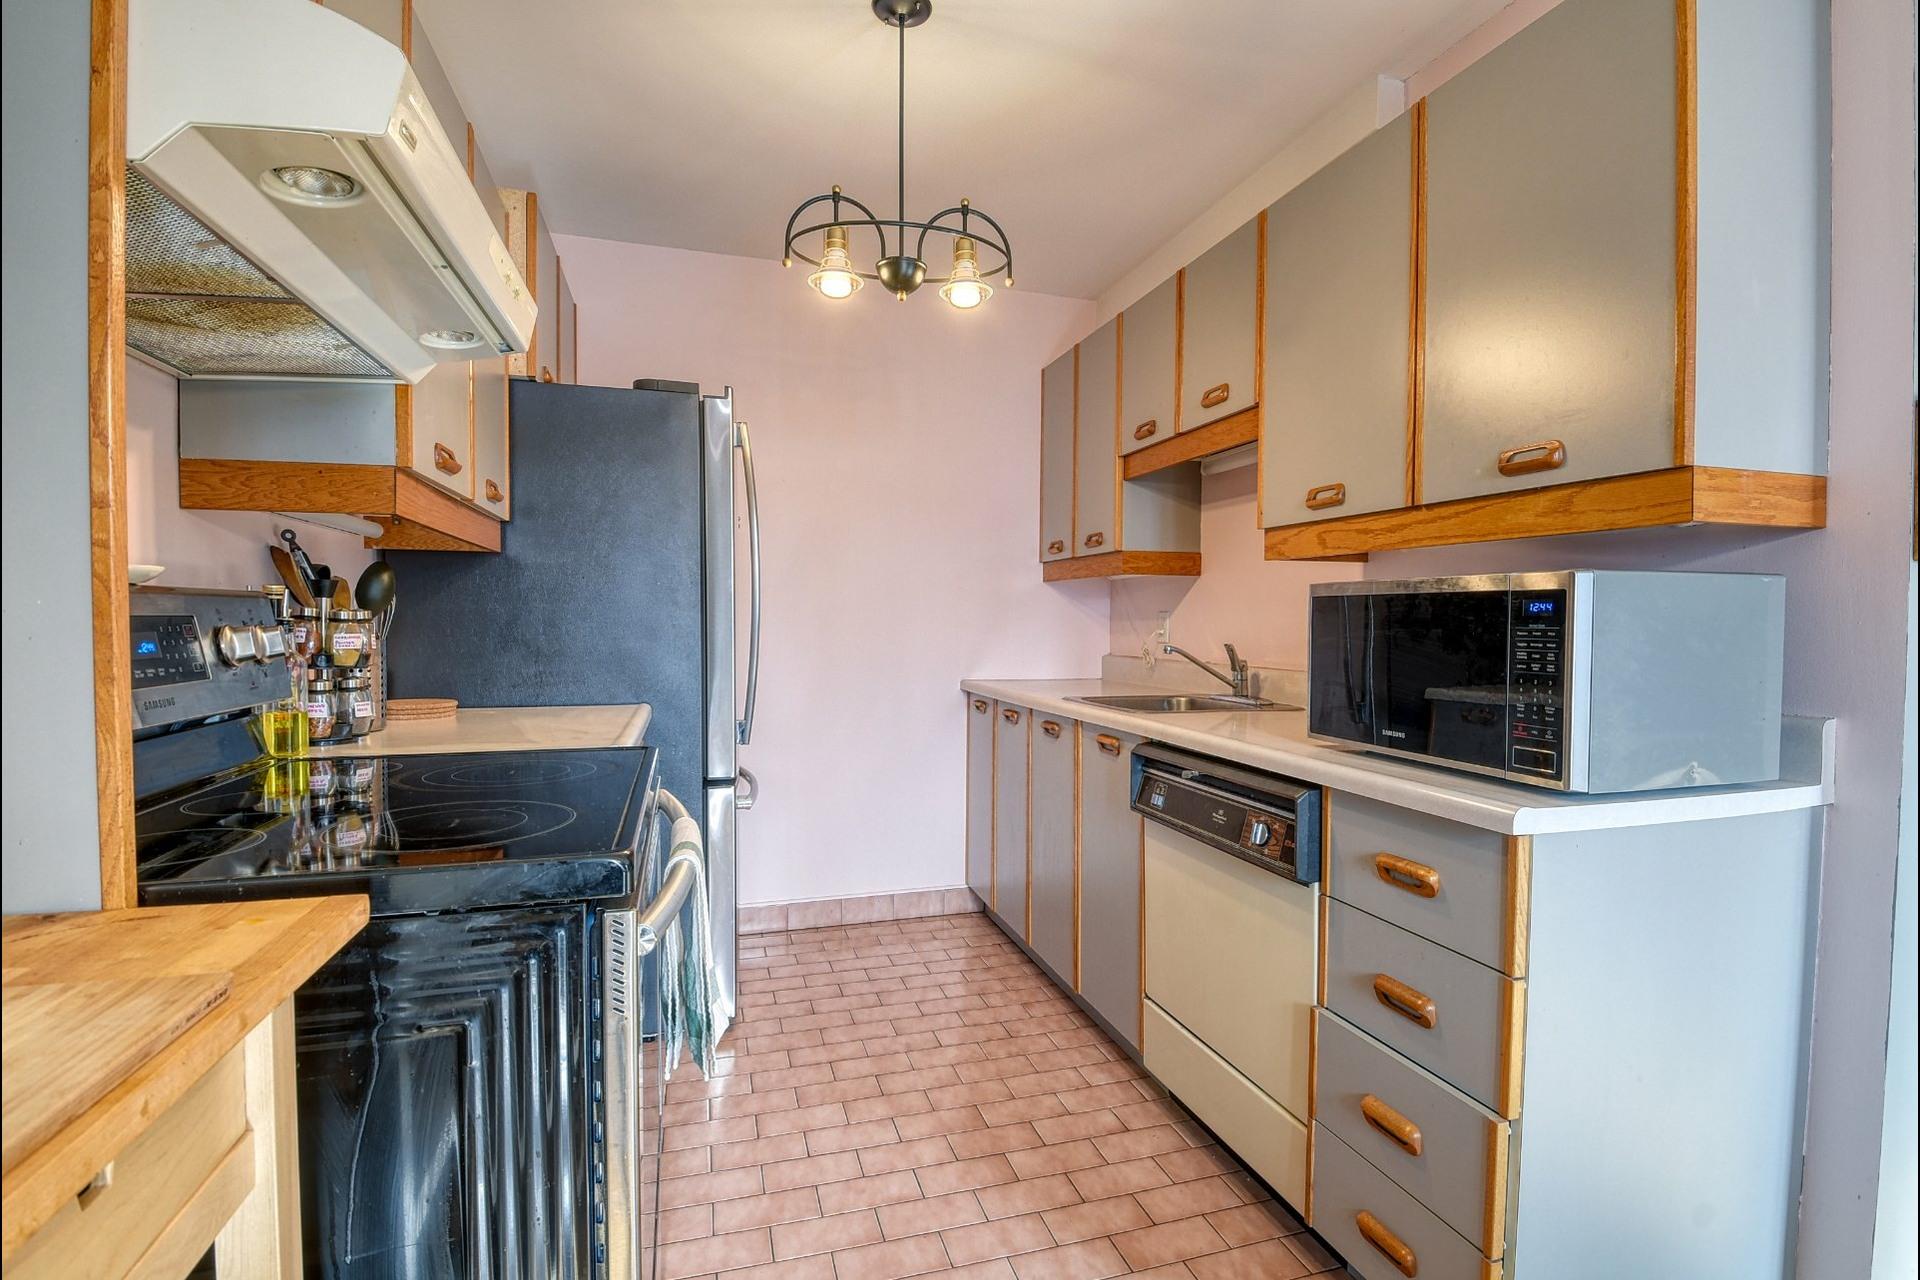 image 10 - Apartment For sale Mercier/Hochelaga-Maisonneuve Montréal  - 6 rooms